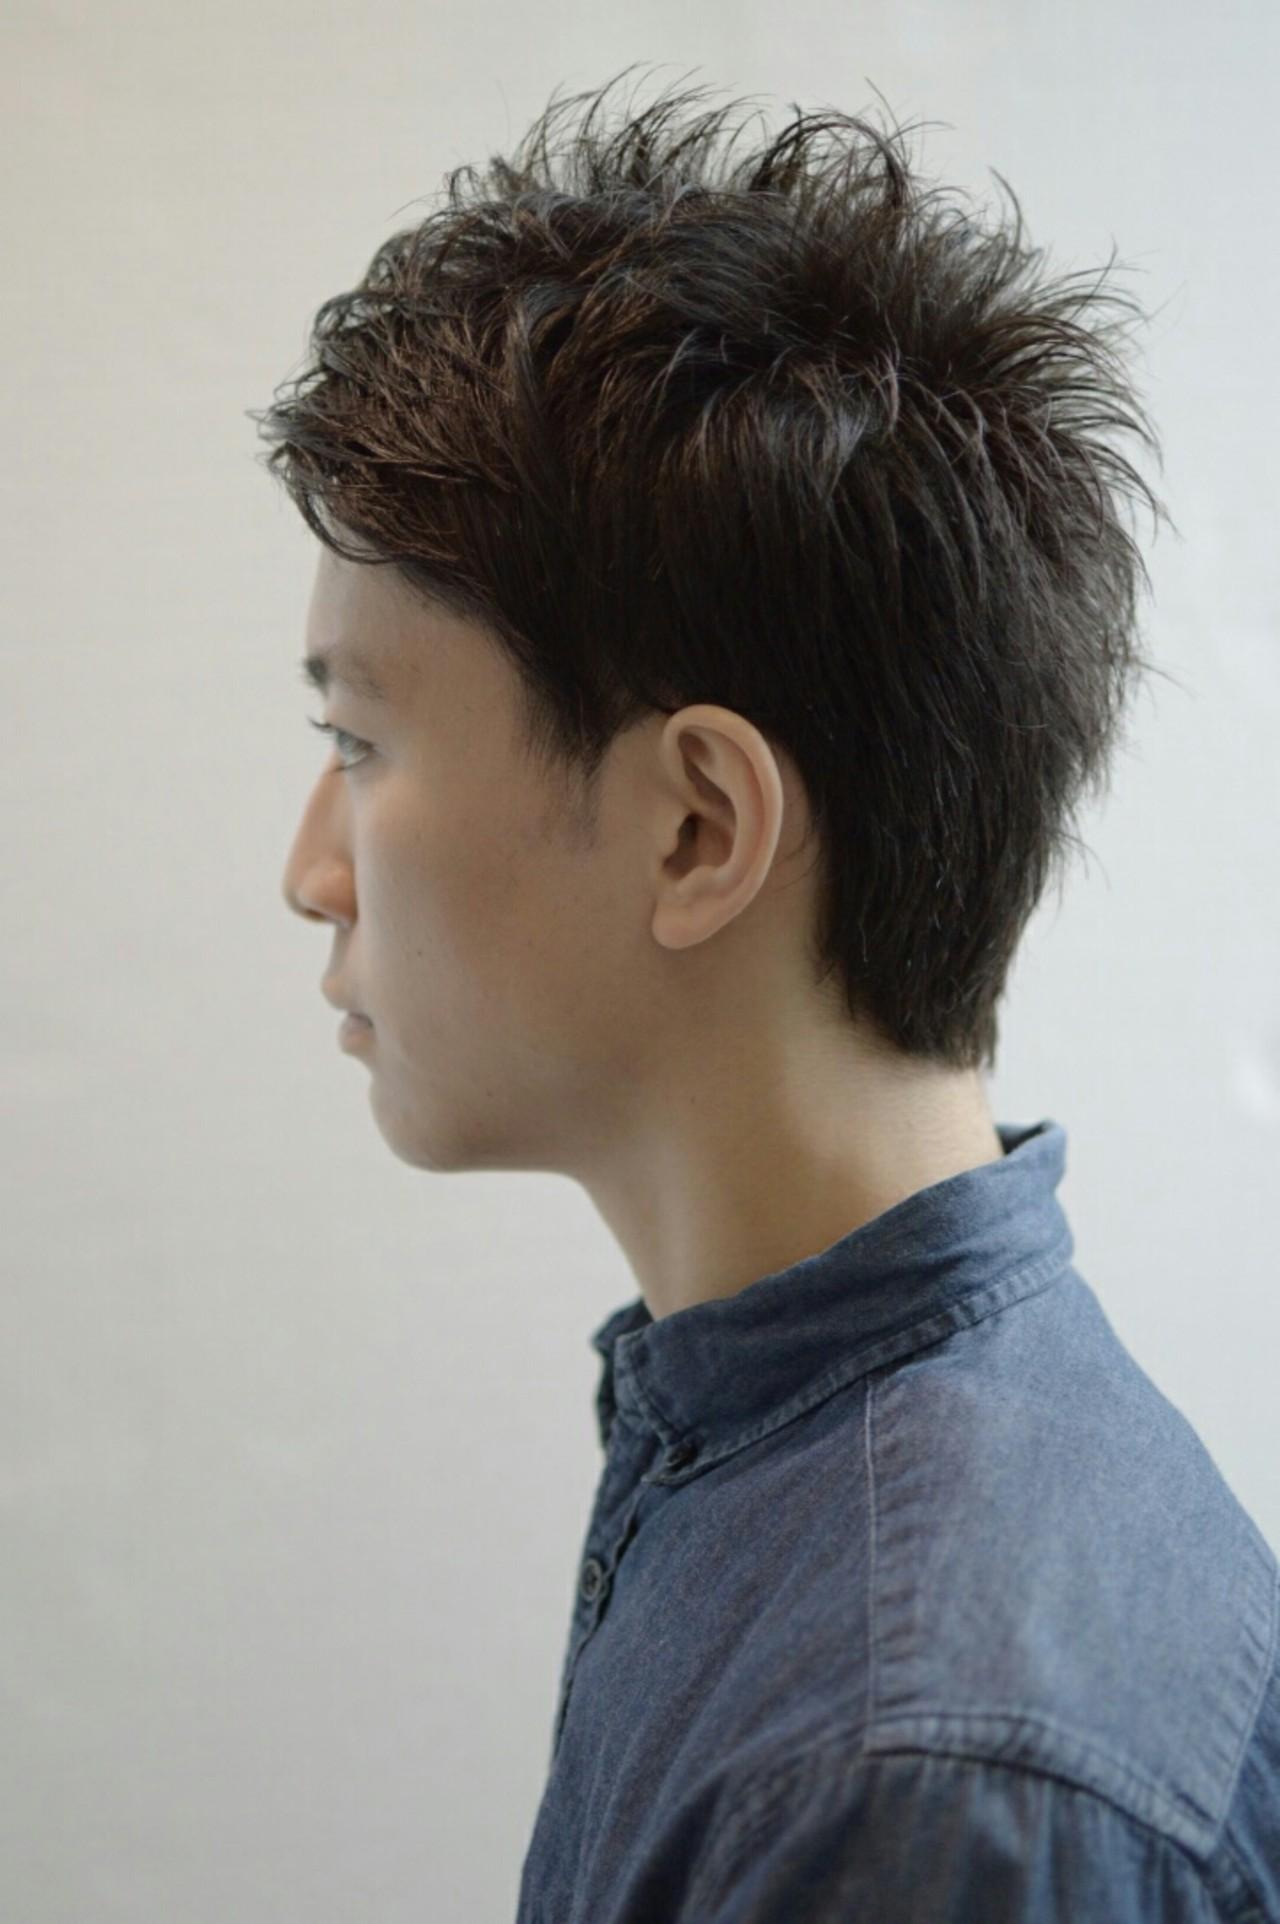 カレがもーっとイケメンに♡彼氏にしてほしいメンズヘアスタイルはこれだ! 萩原 翔志也/vicca